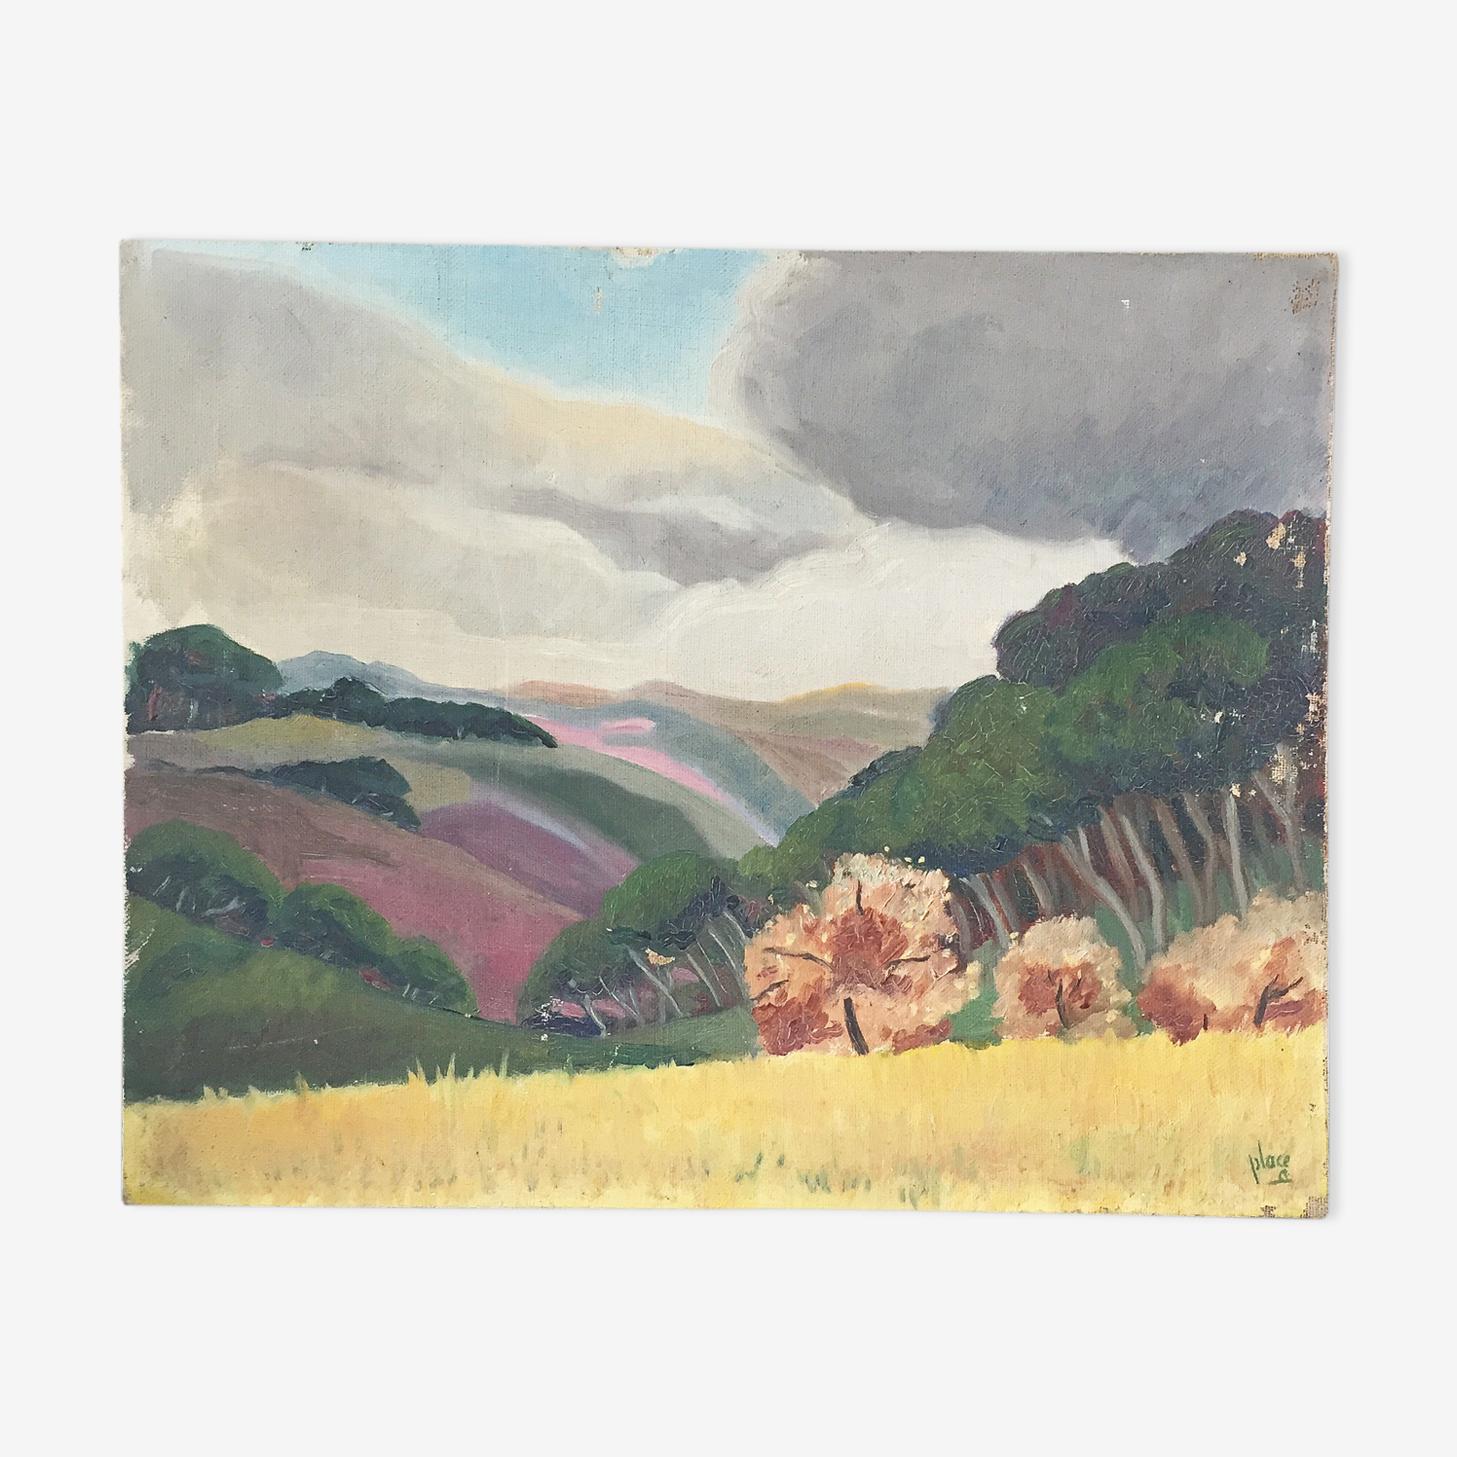 Landscape canvas colorful 41 x 33 cm